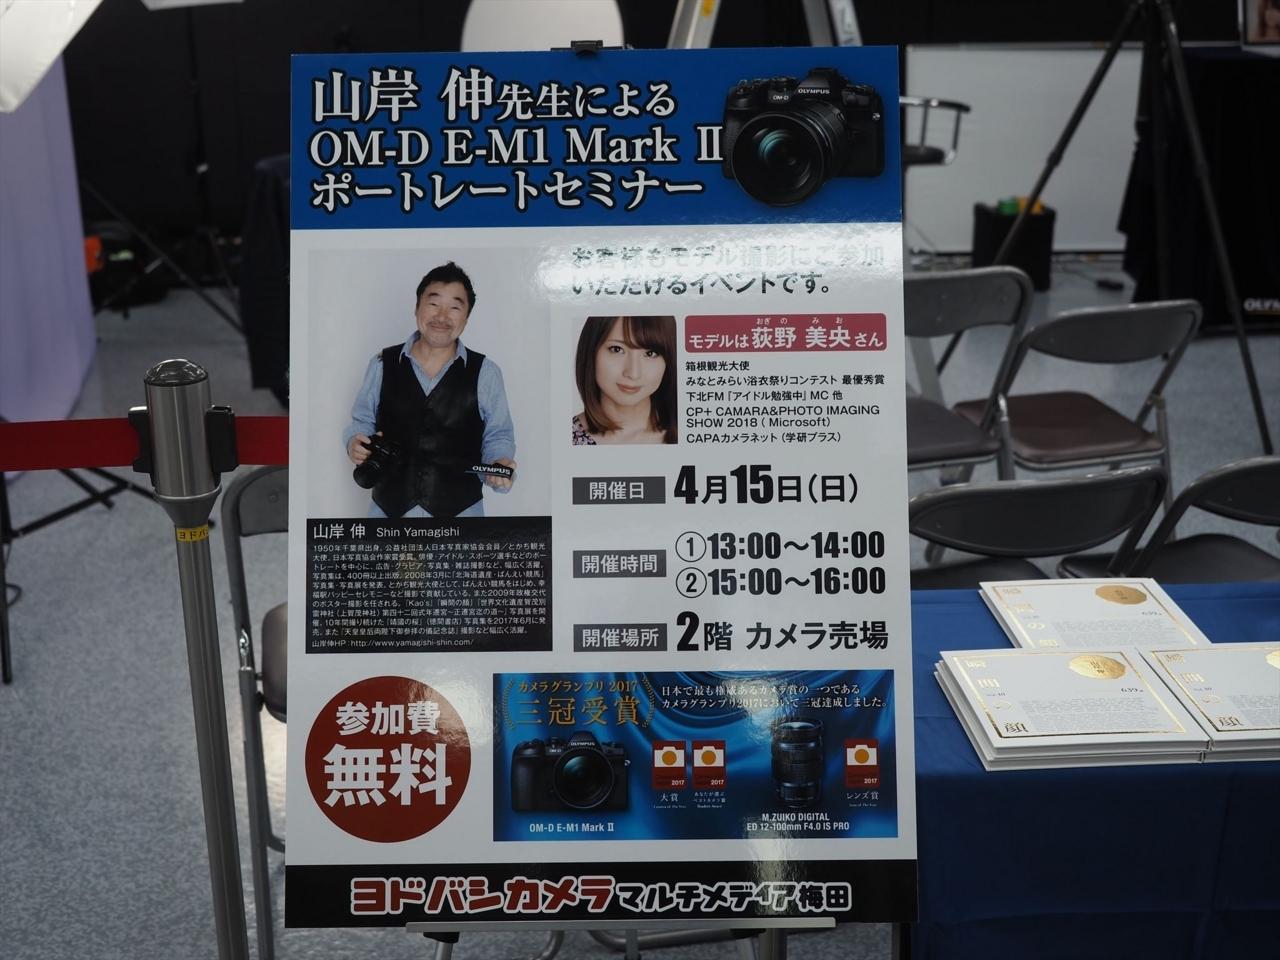 山岸伸先生によるオリンパスOM-D E-M1 Mark2ポートレートセミナー  in ヨドバシカメラ梅田店